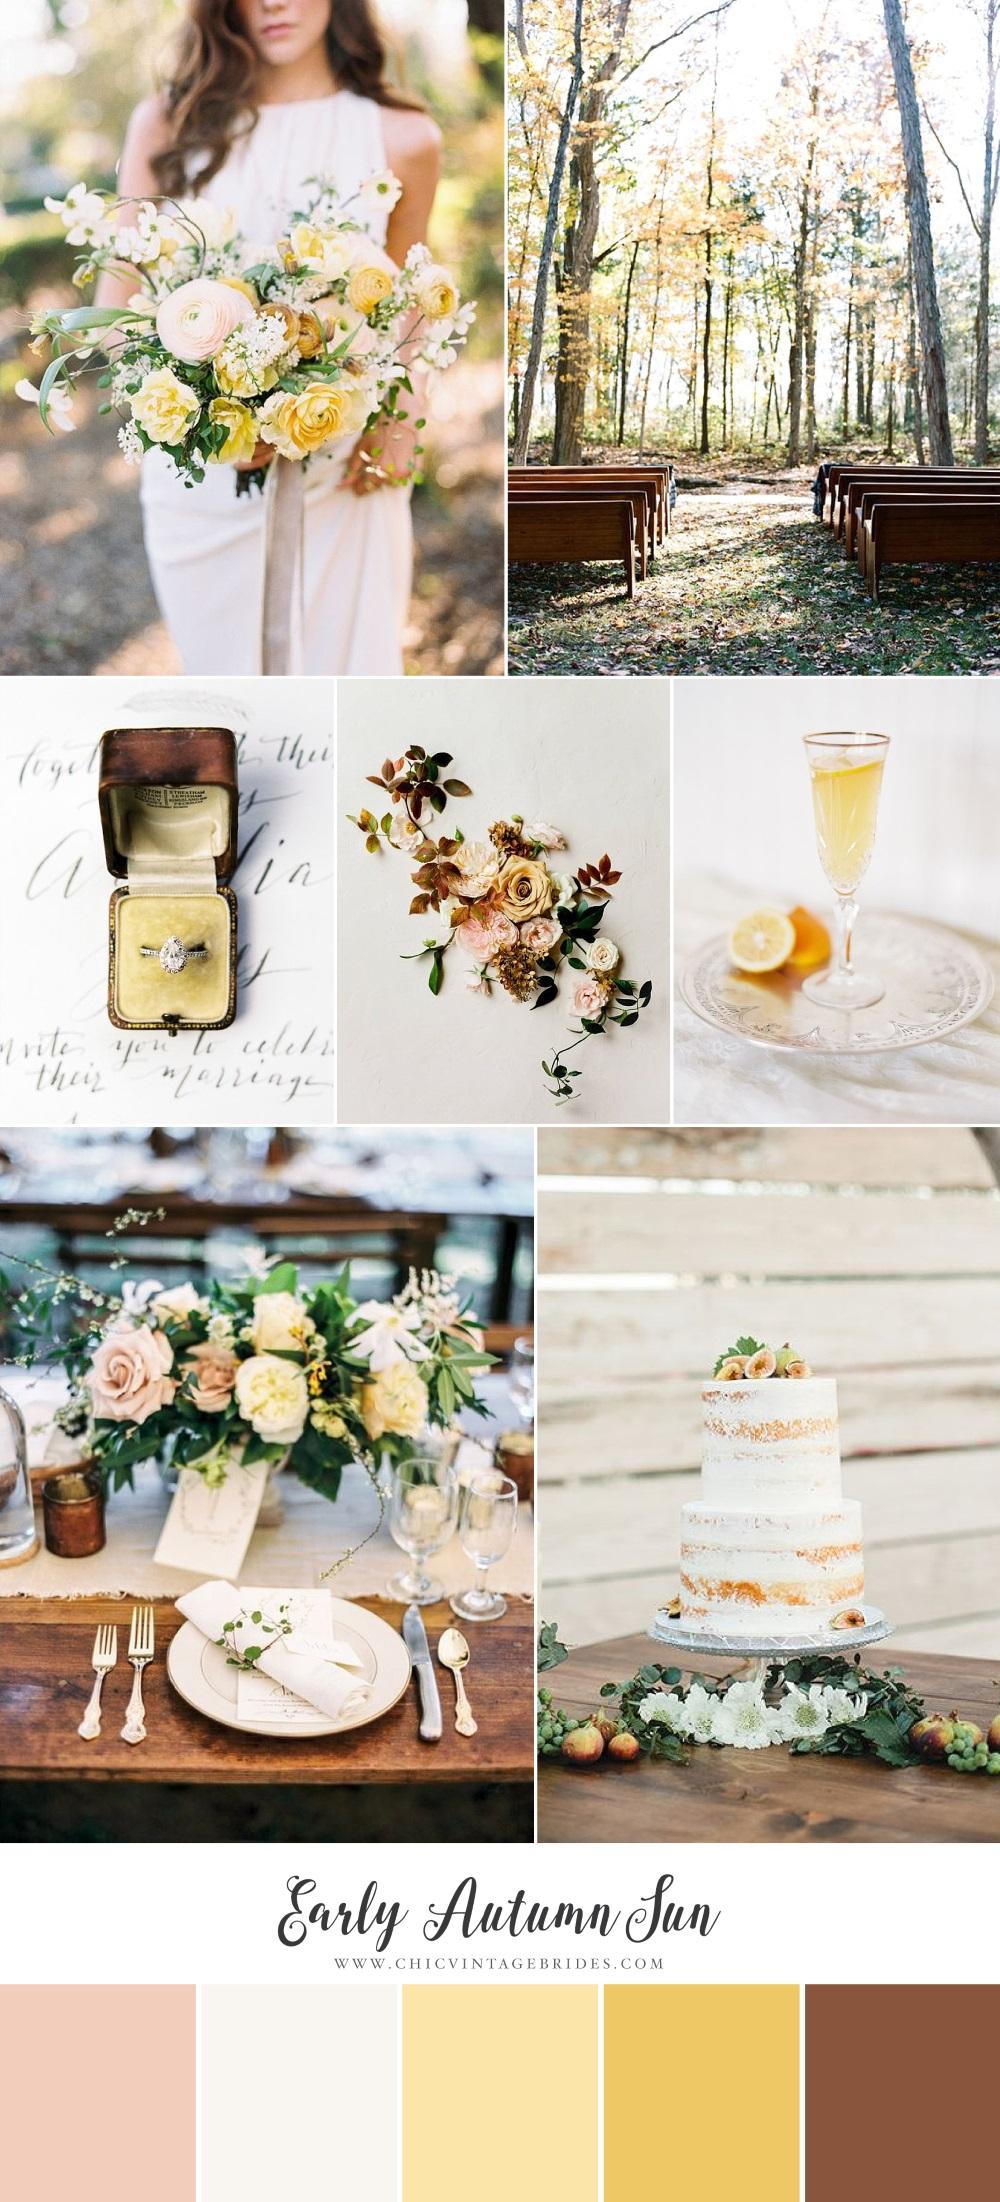 Early Autumn Sun Wedding Inspiration Board